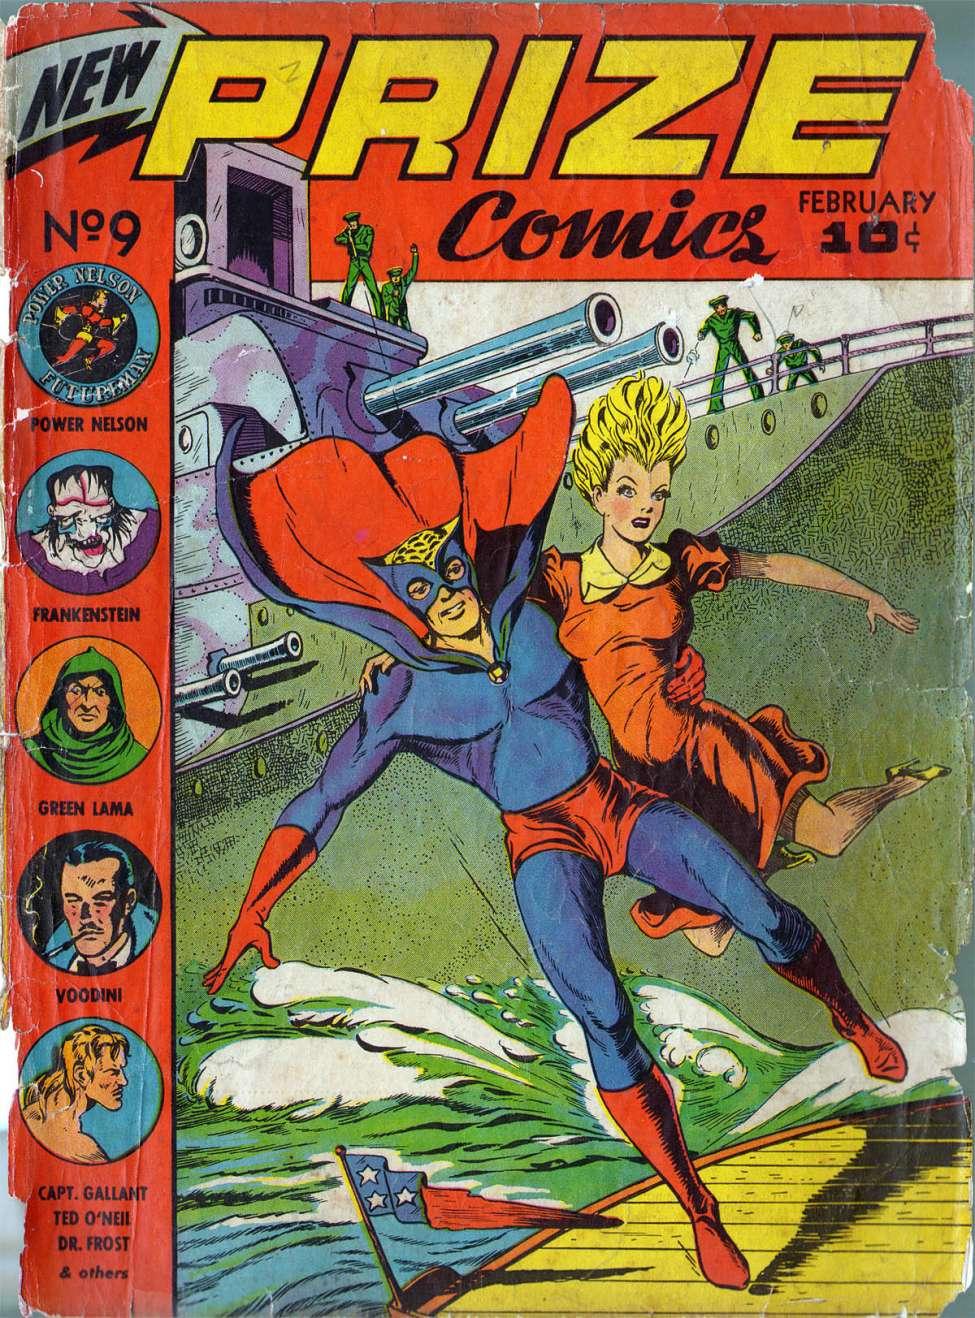 Prize Comics #9 by Prize